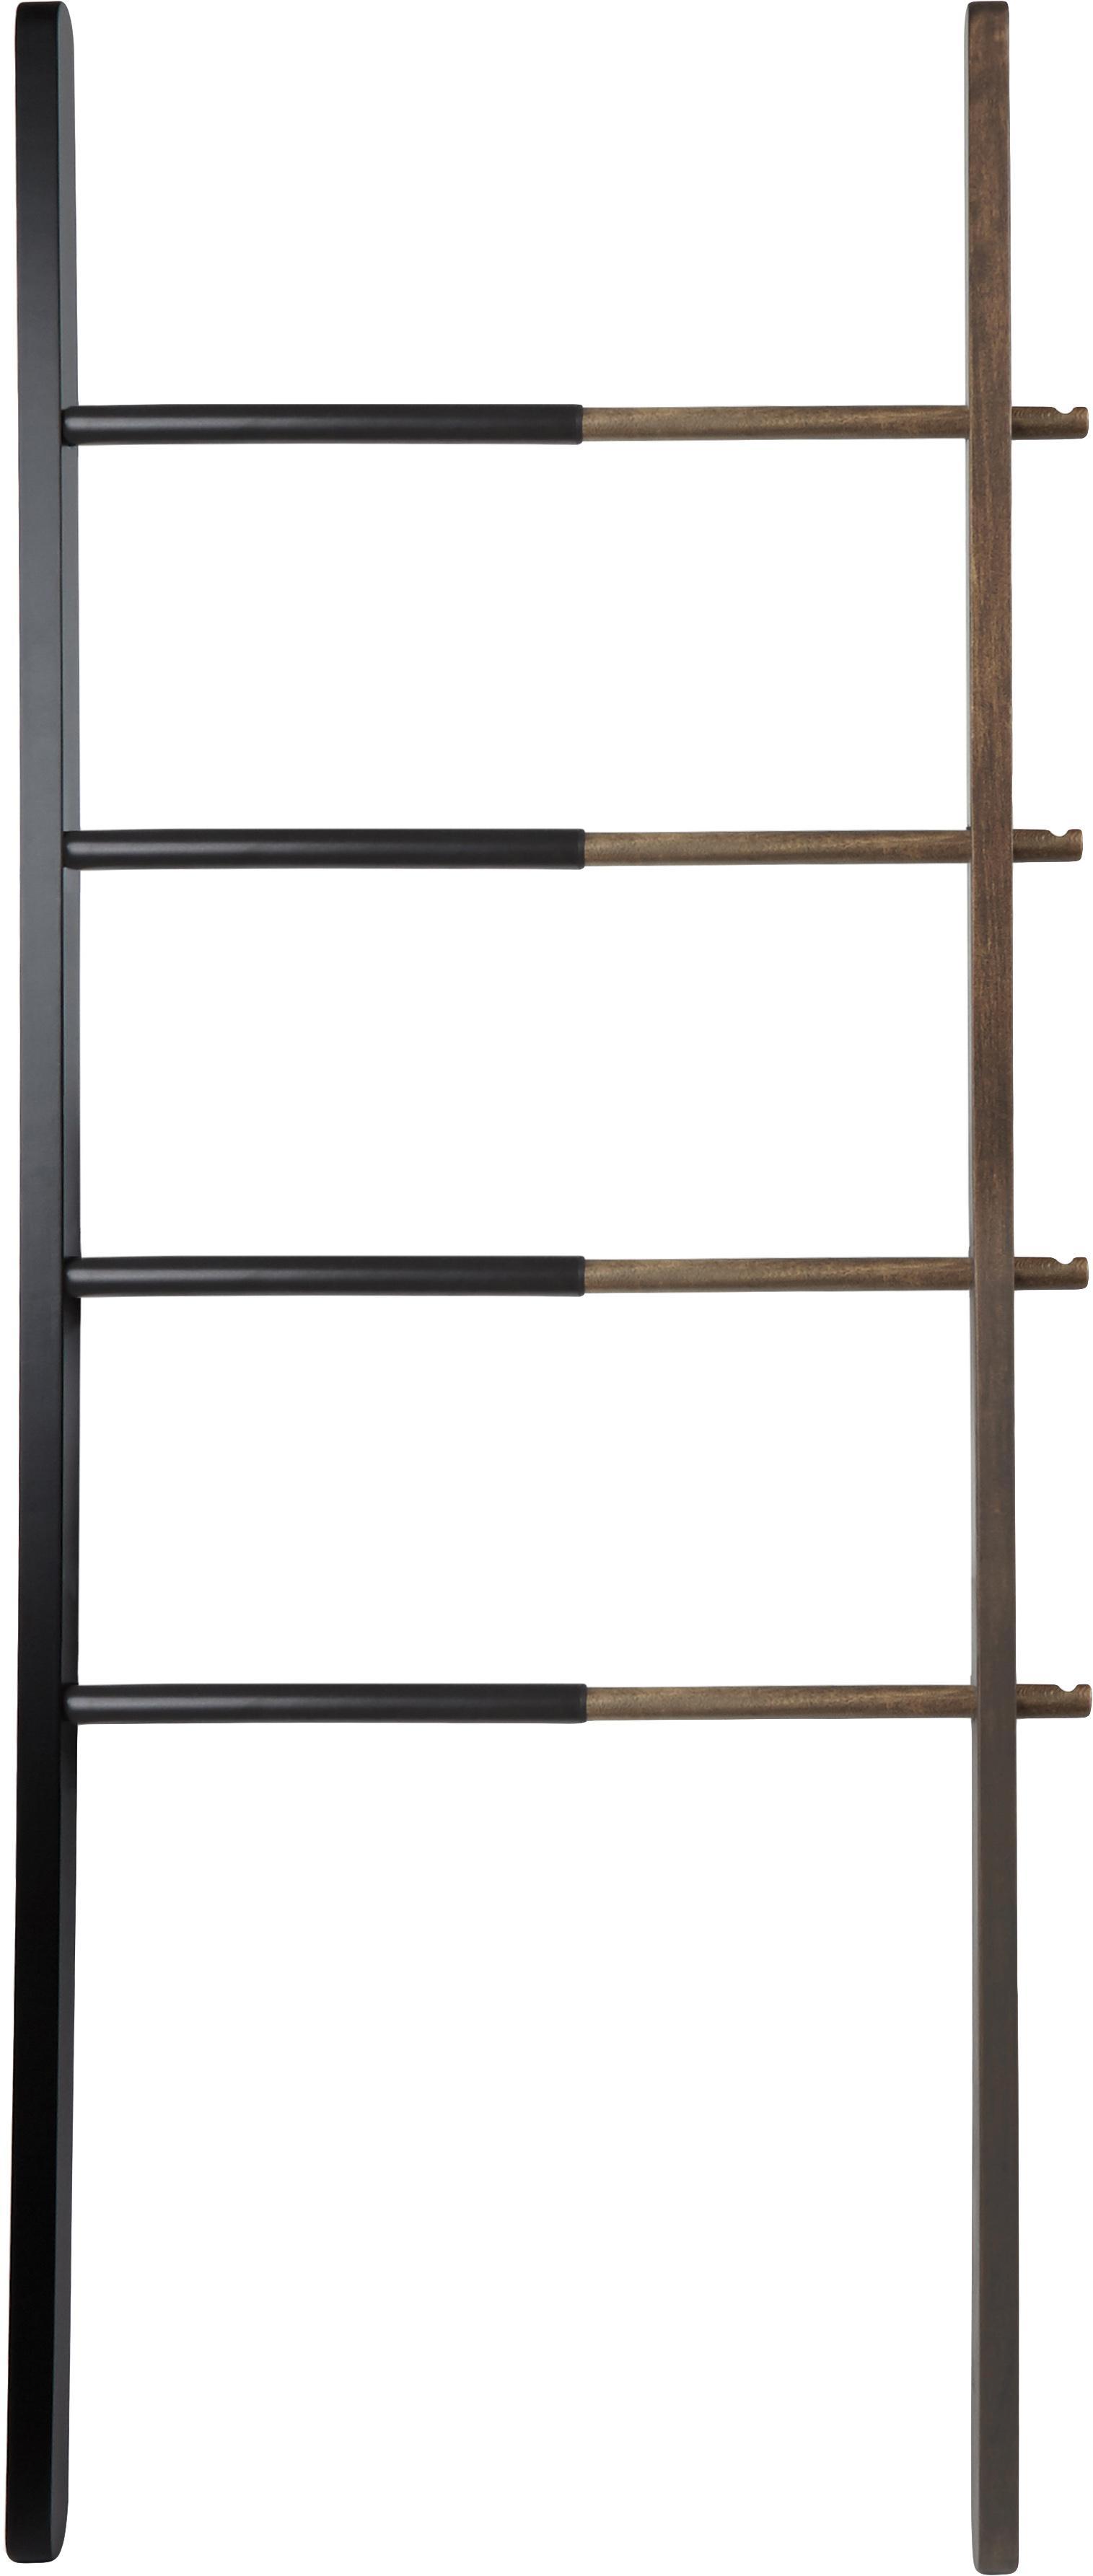 Design Leiterragel Hub, Eschenholz, gebeizt, Stahl, lackiert, Schwarz, Dunkelbraun, 67 x 152 cm